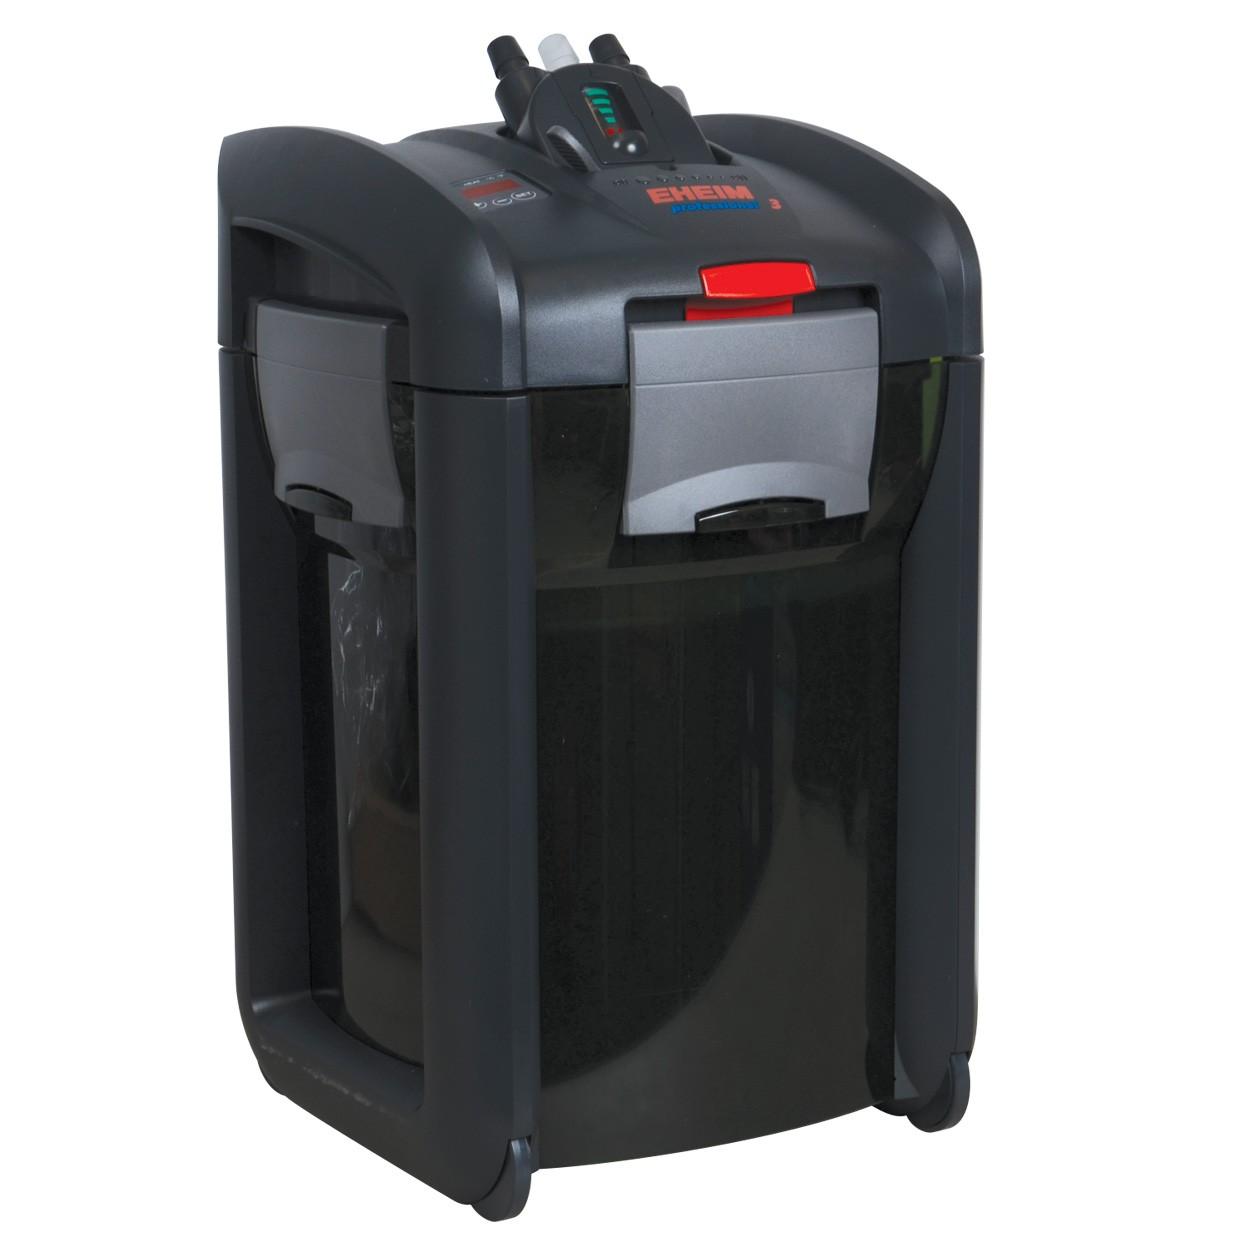 eheim pro 3 1200xlt 2180 canister filter parts. Black Bedroom Furniture Sets. Home Design Ideas